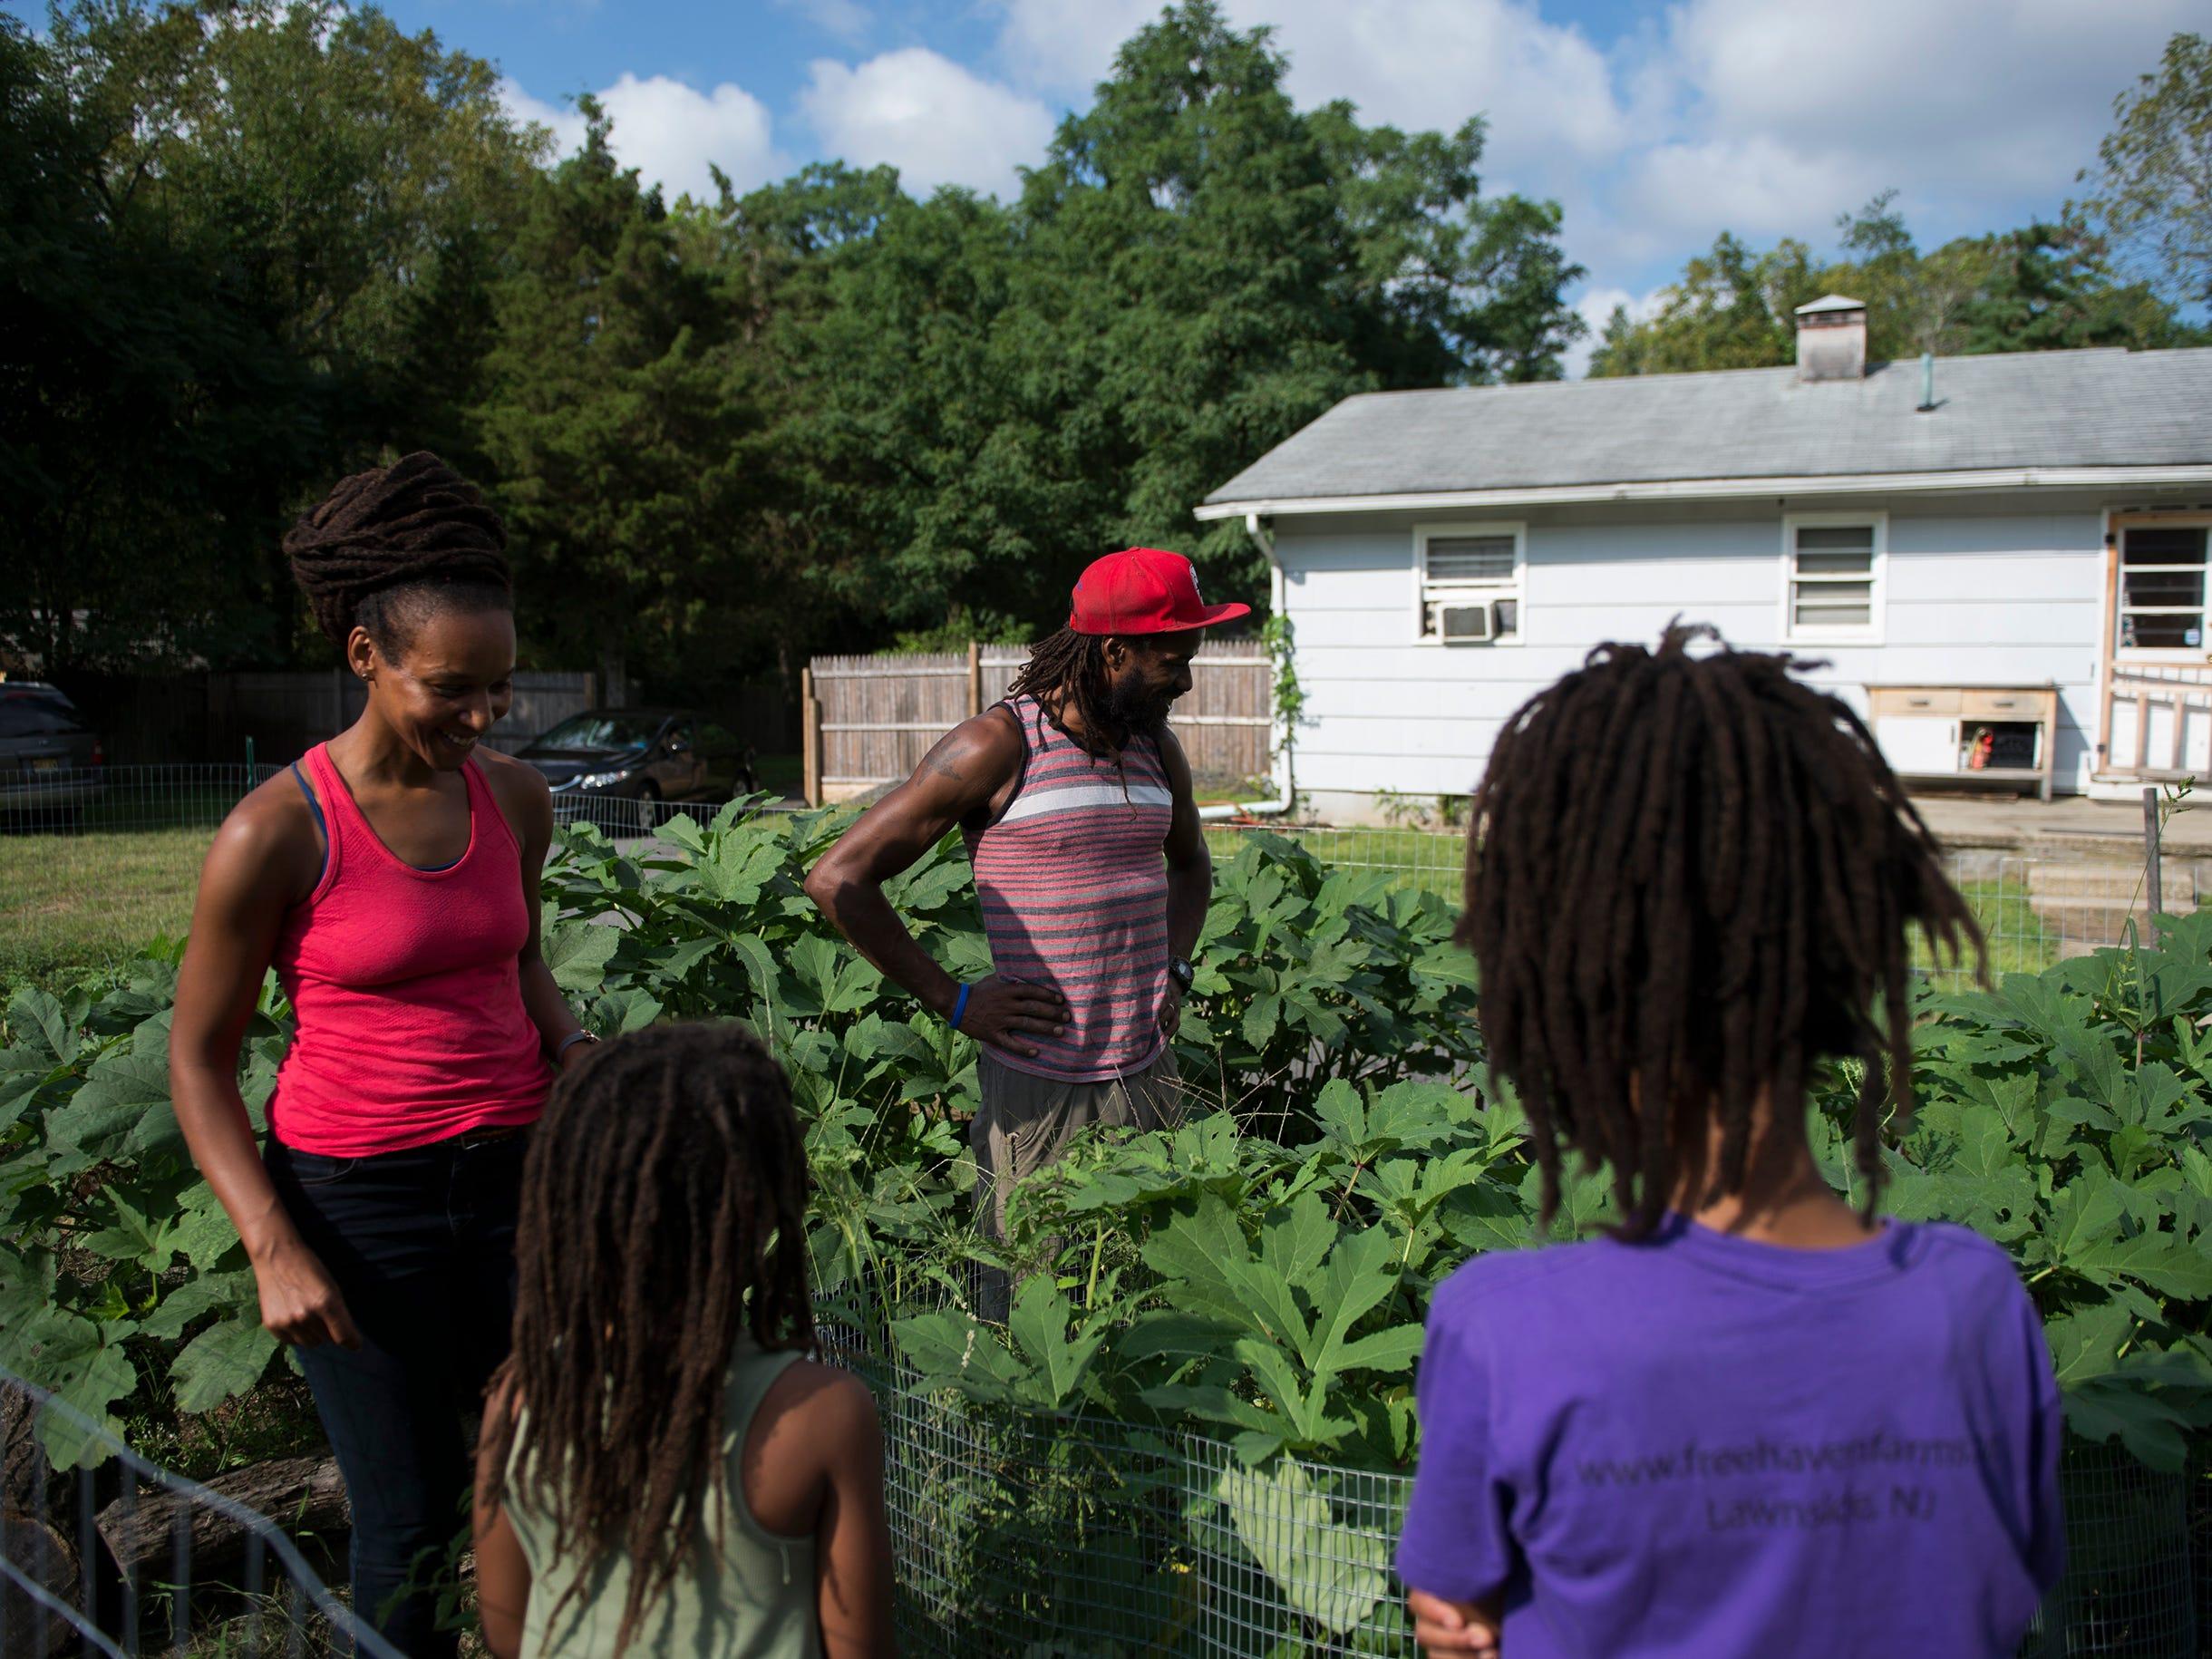 The Hall family on their farm Thursday, Aug. 23, 2018 in Lawnside, N.J.